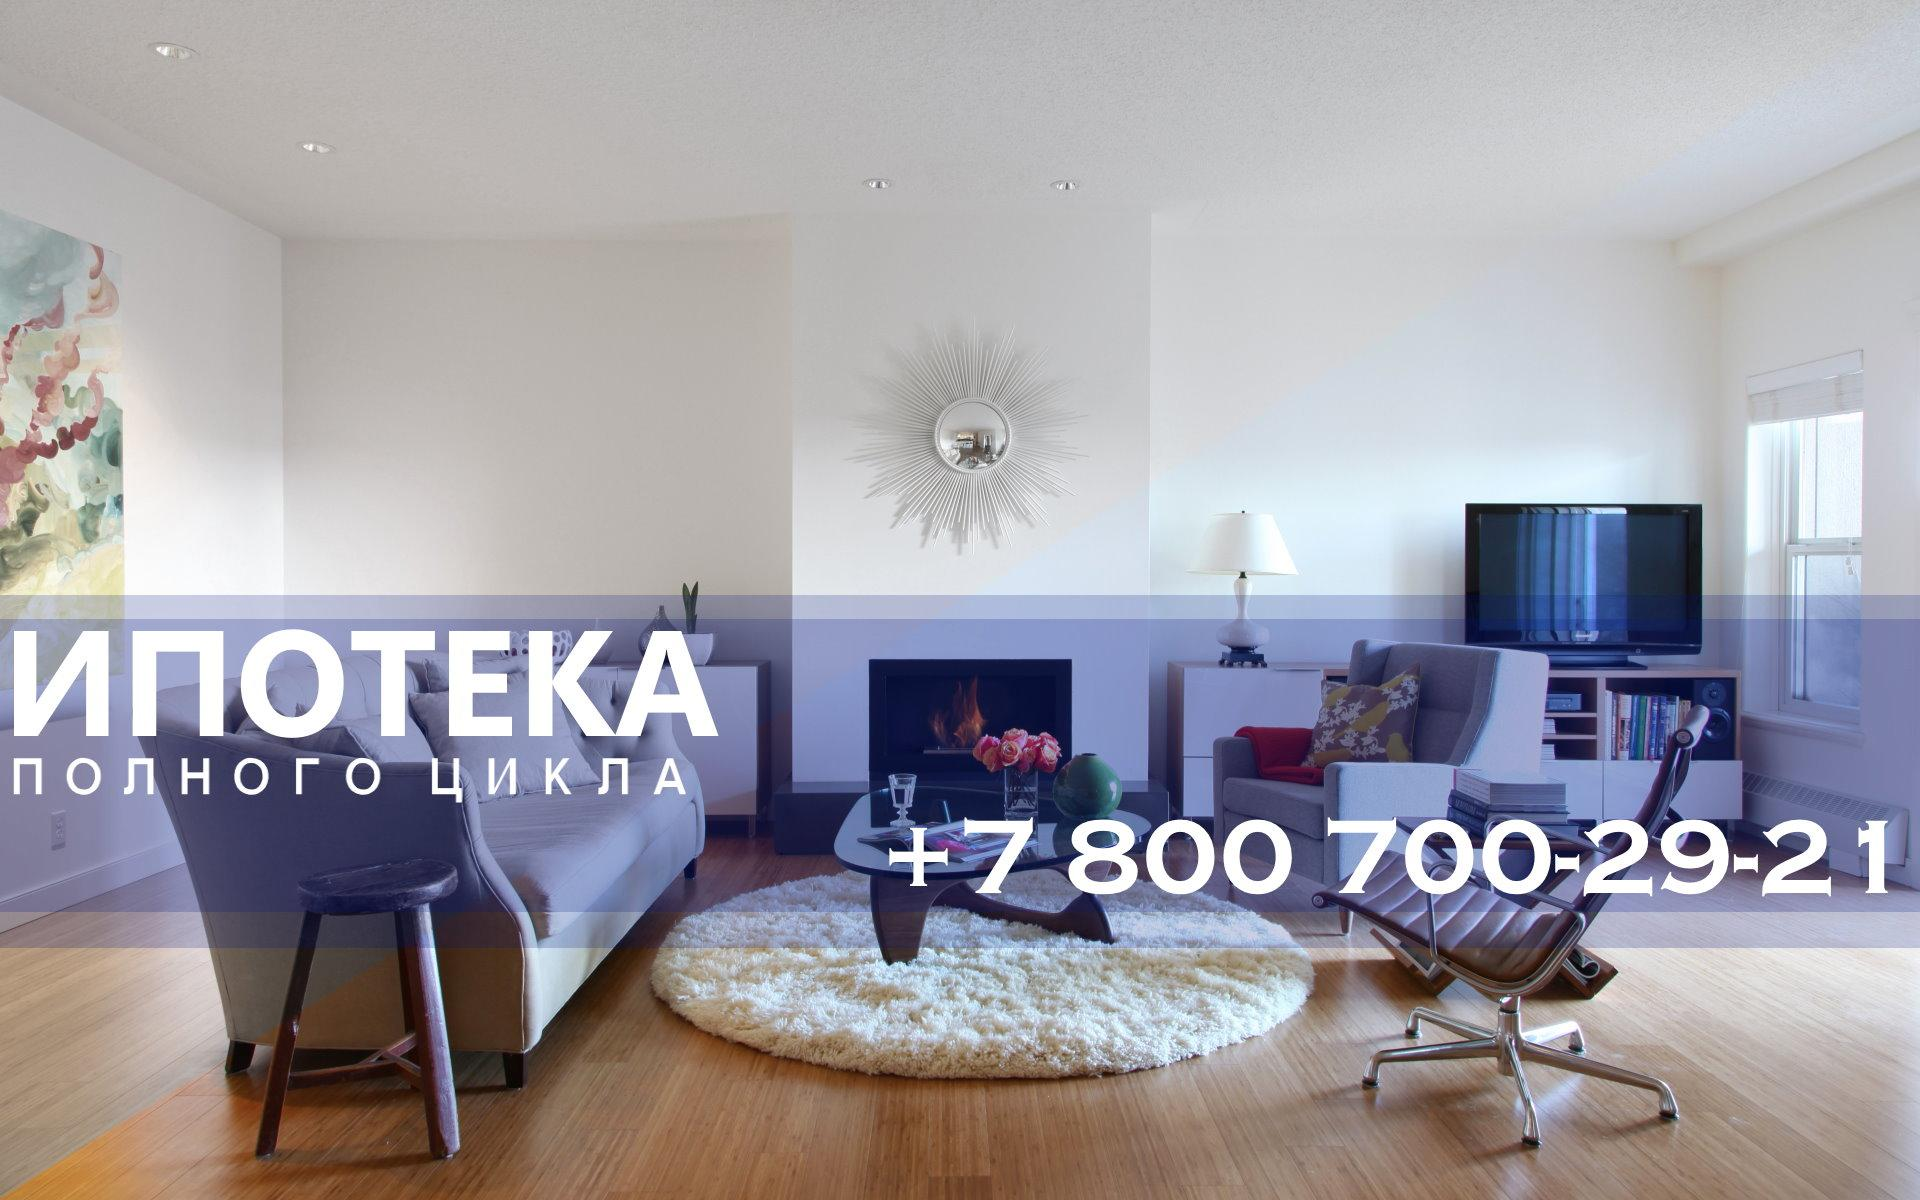 Можно ли купить долю квартиры в ипотеку?